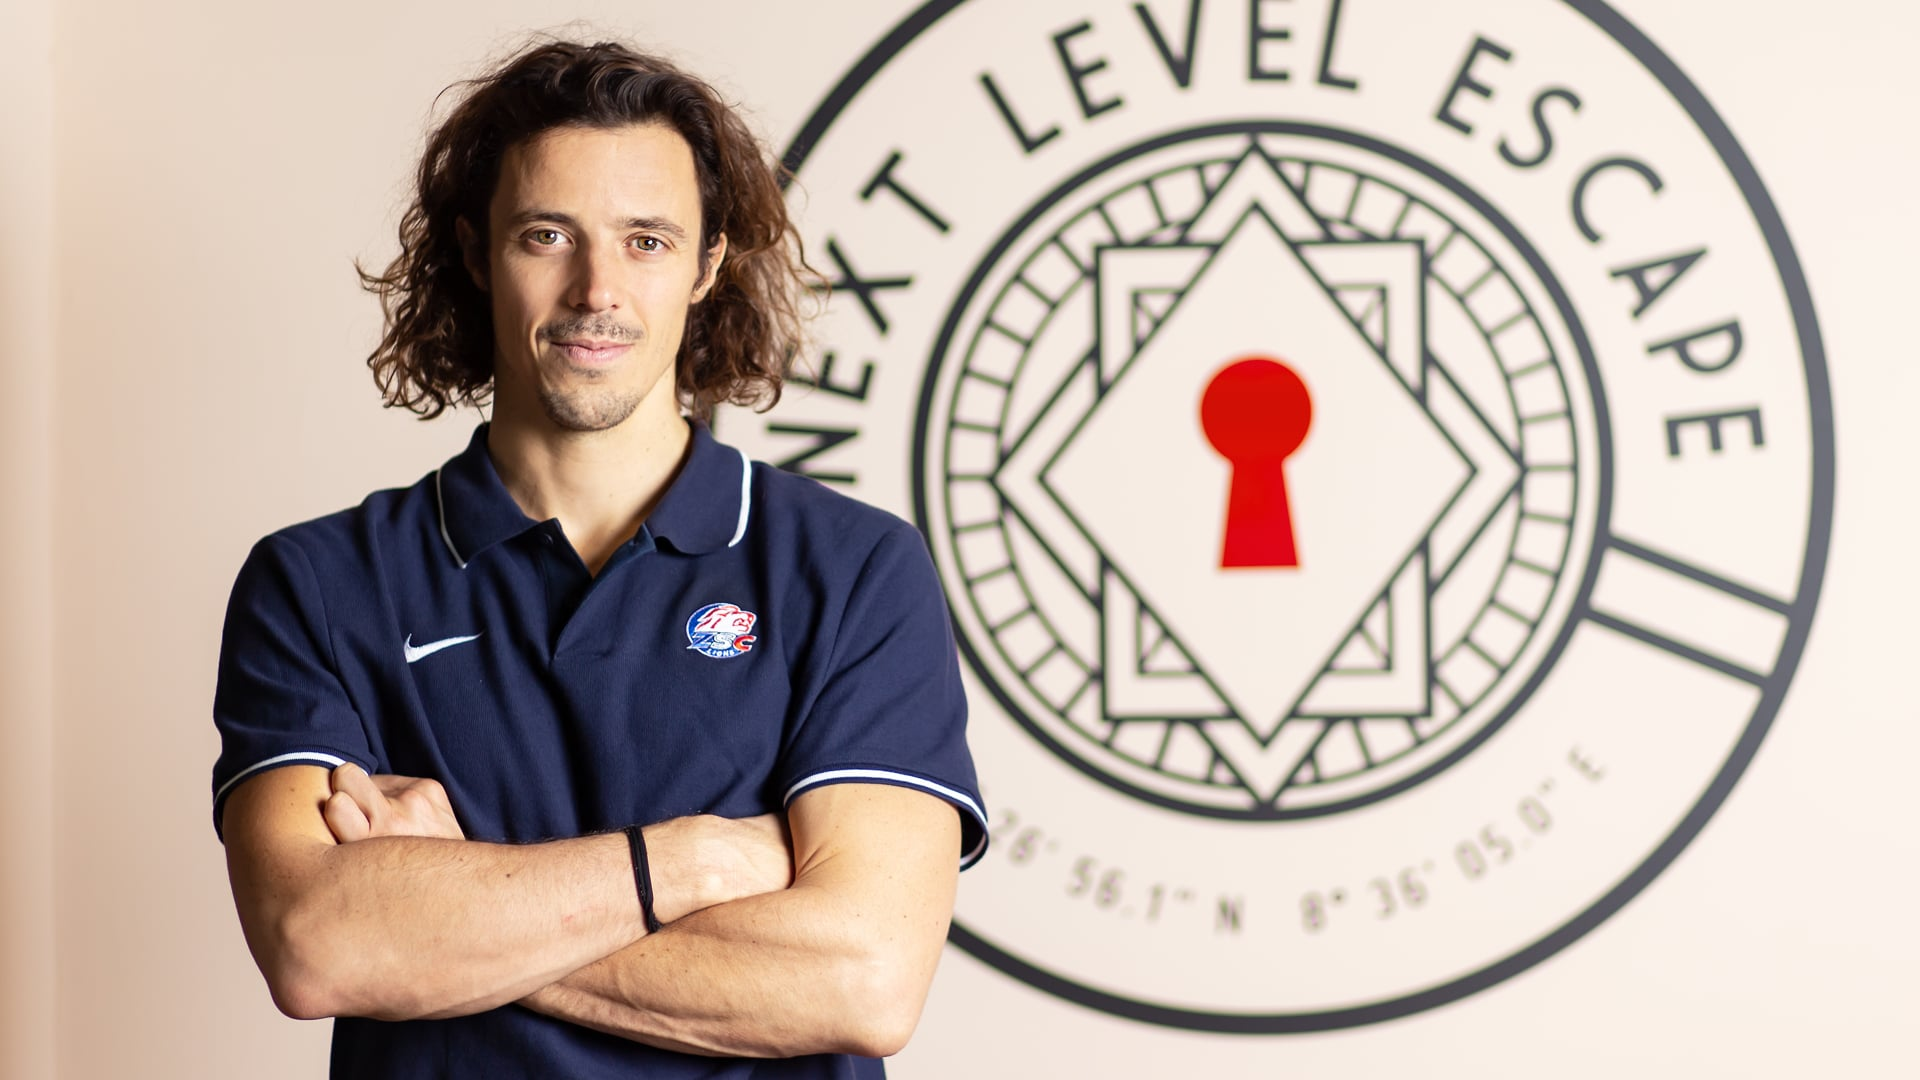 Profi Eishockeyspieler Roman Wick – liebt Abenteuer nicht nur auf dem Eis.